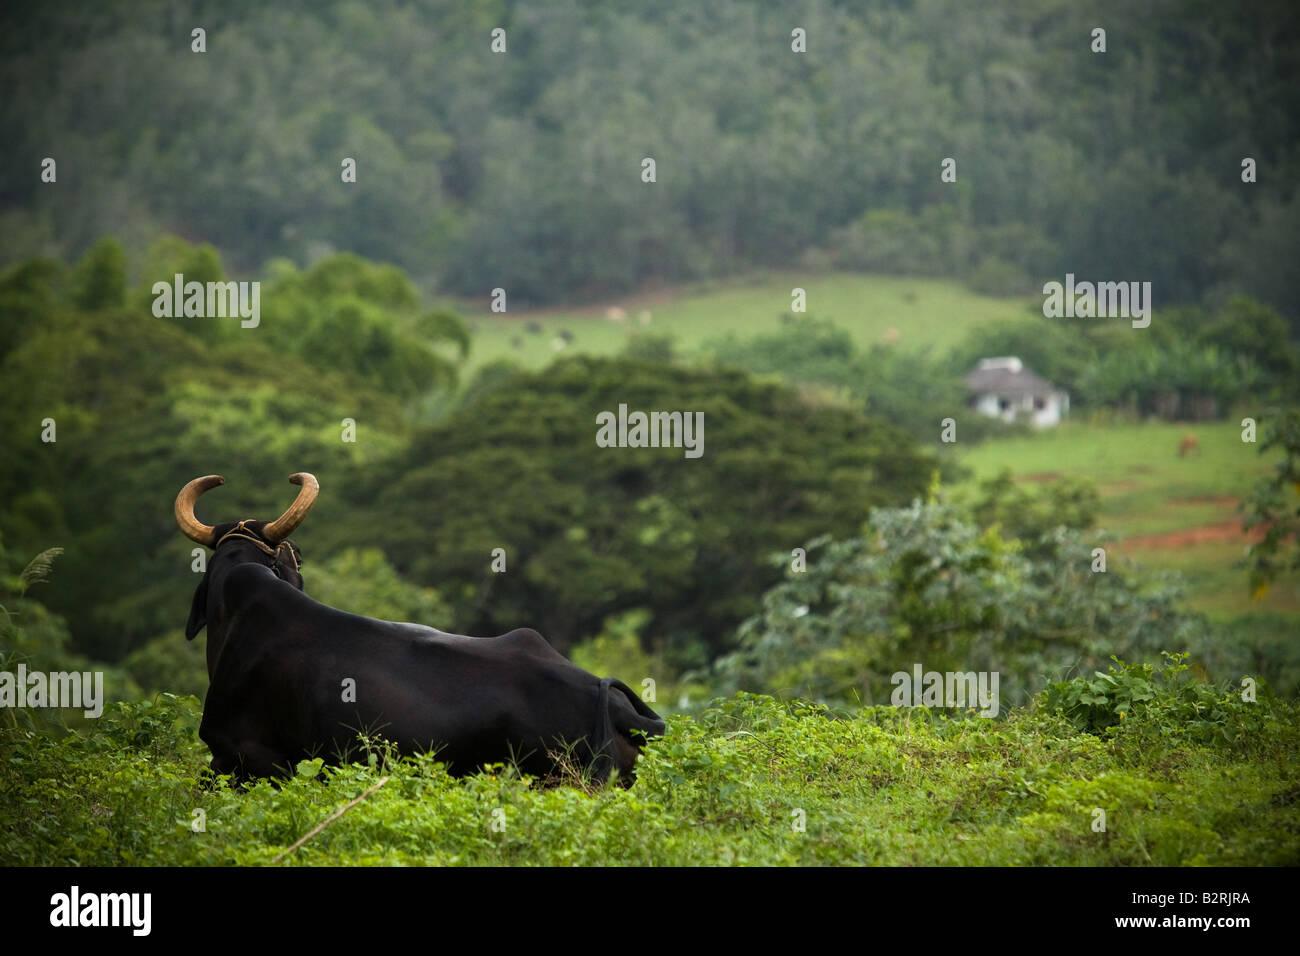 Bull giacente in un campo nei pressi di Vinales, Cuba Immagini Stock